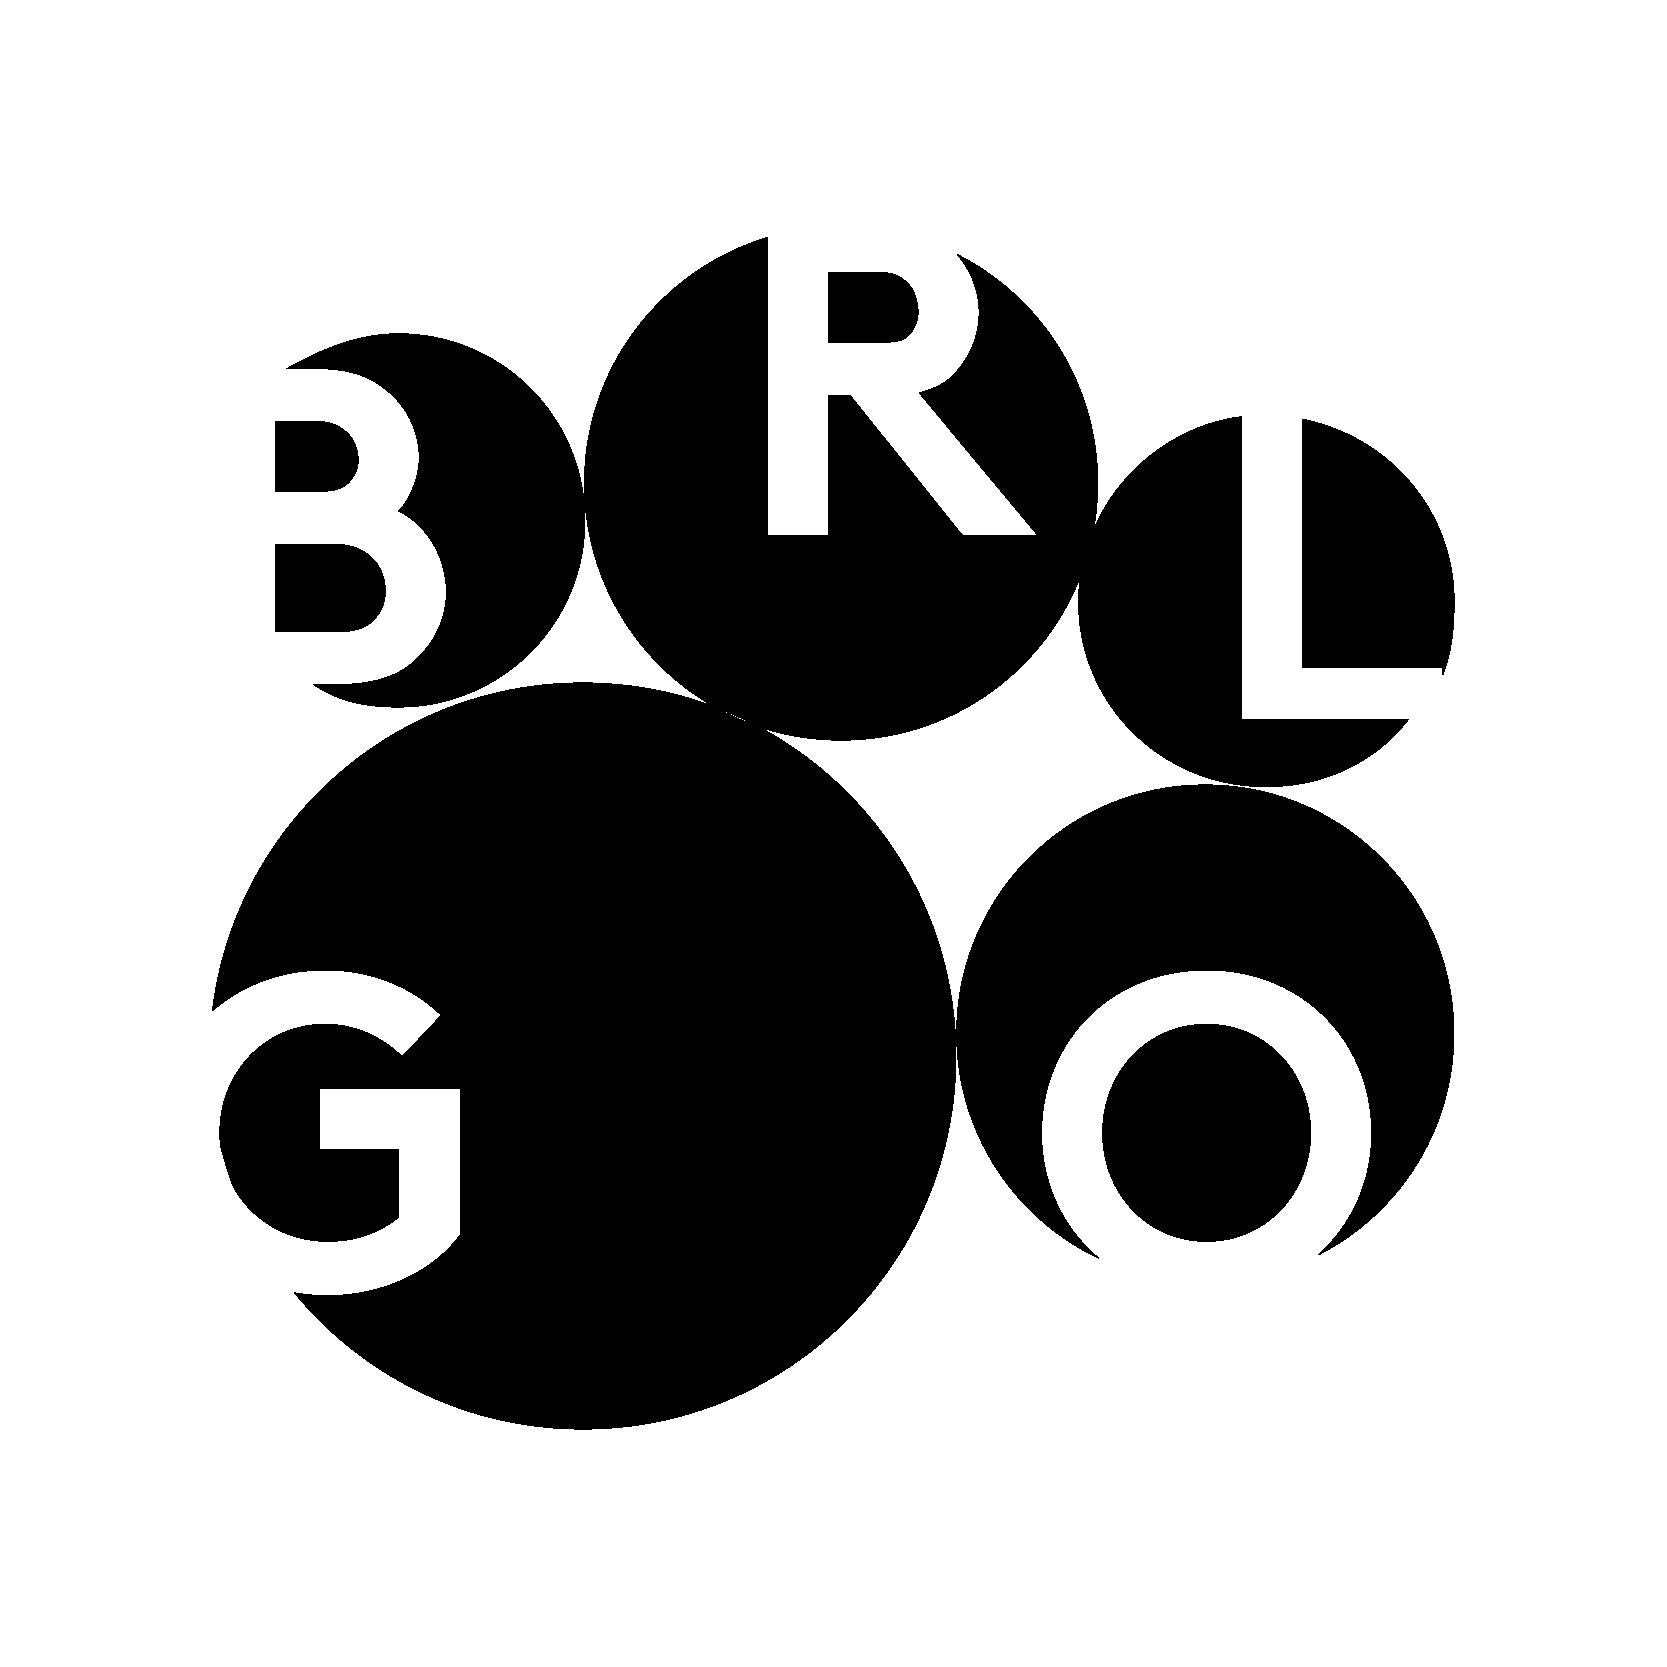 brlog_logo